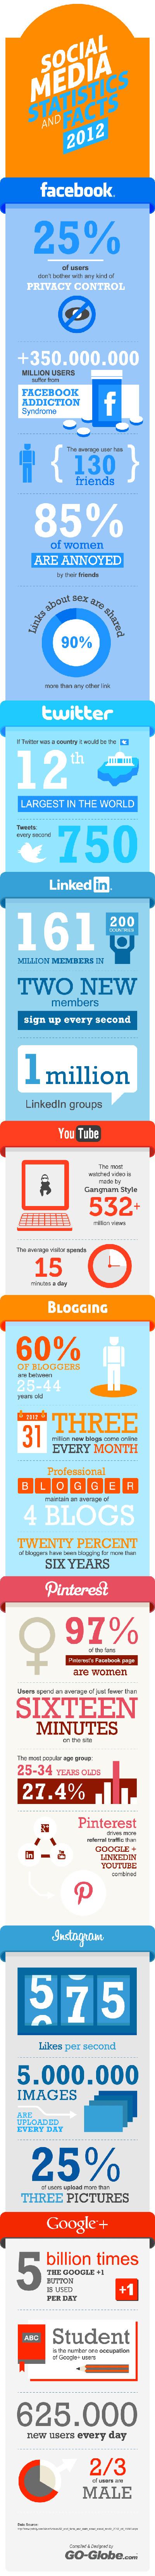 statistiques-reseaux-sociaux-2012